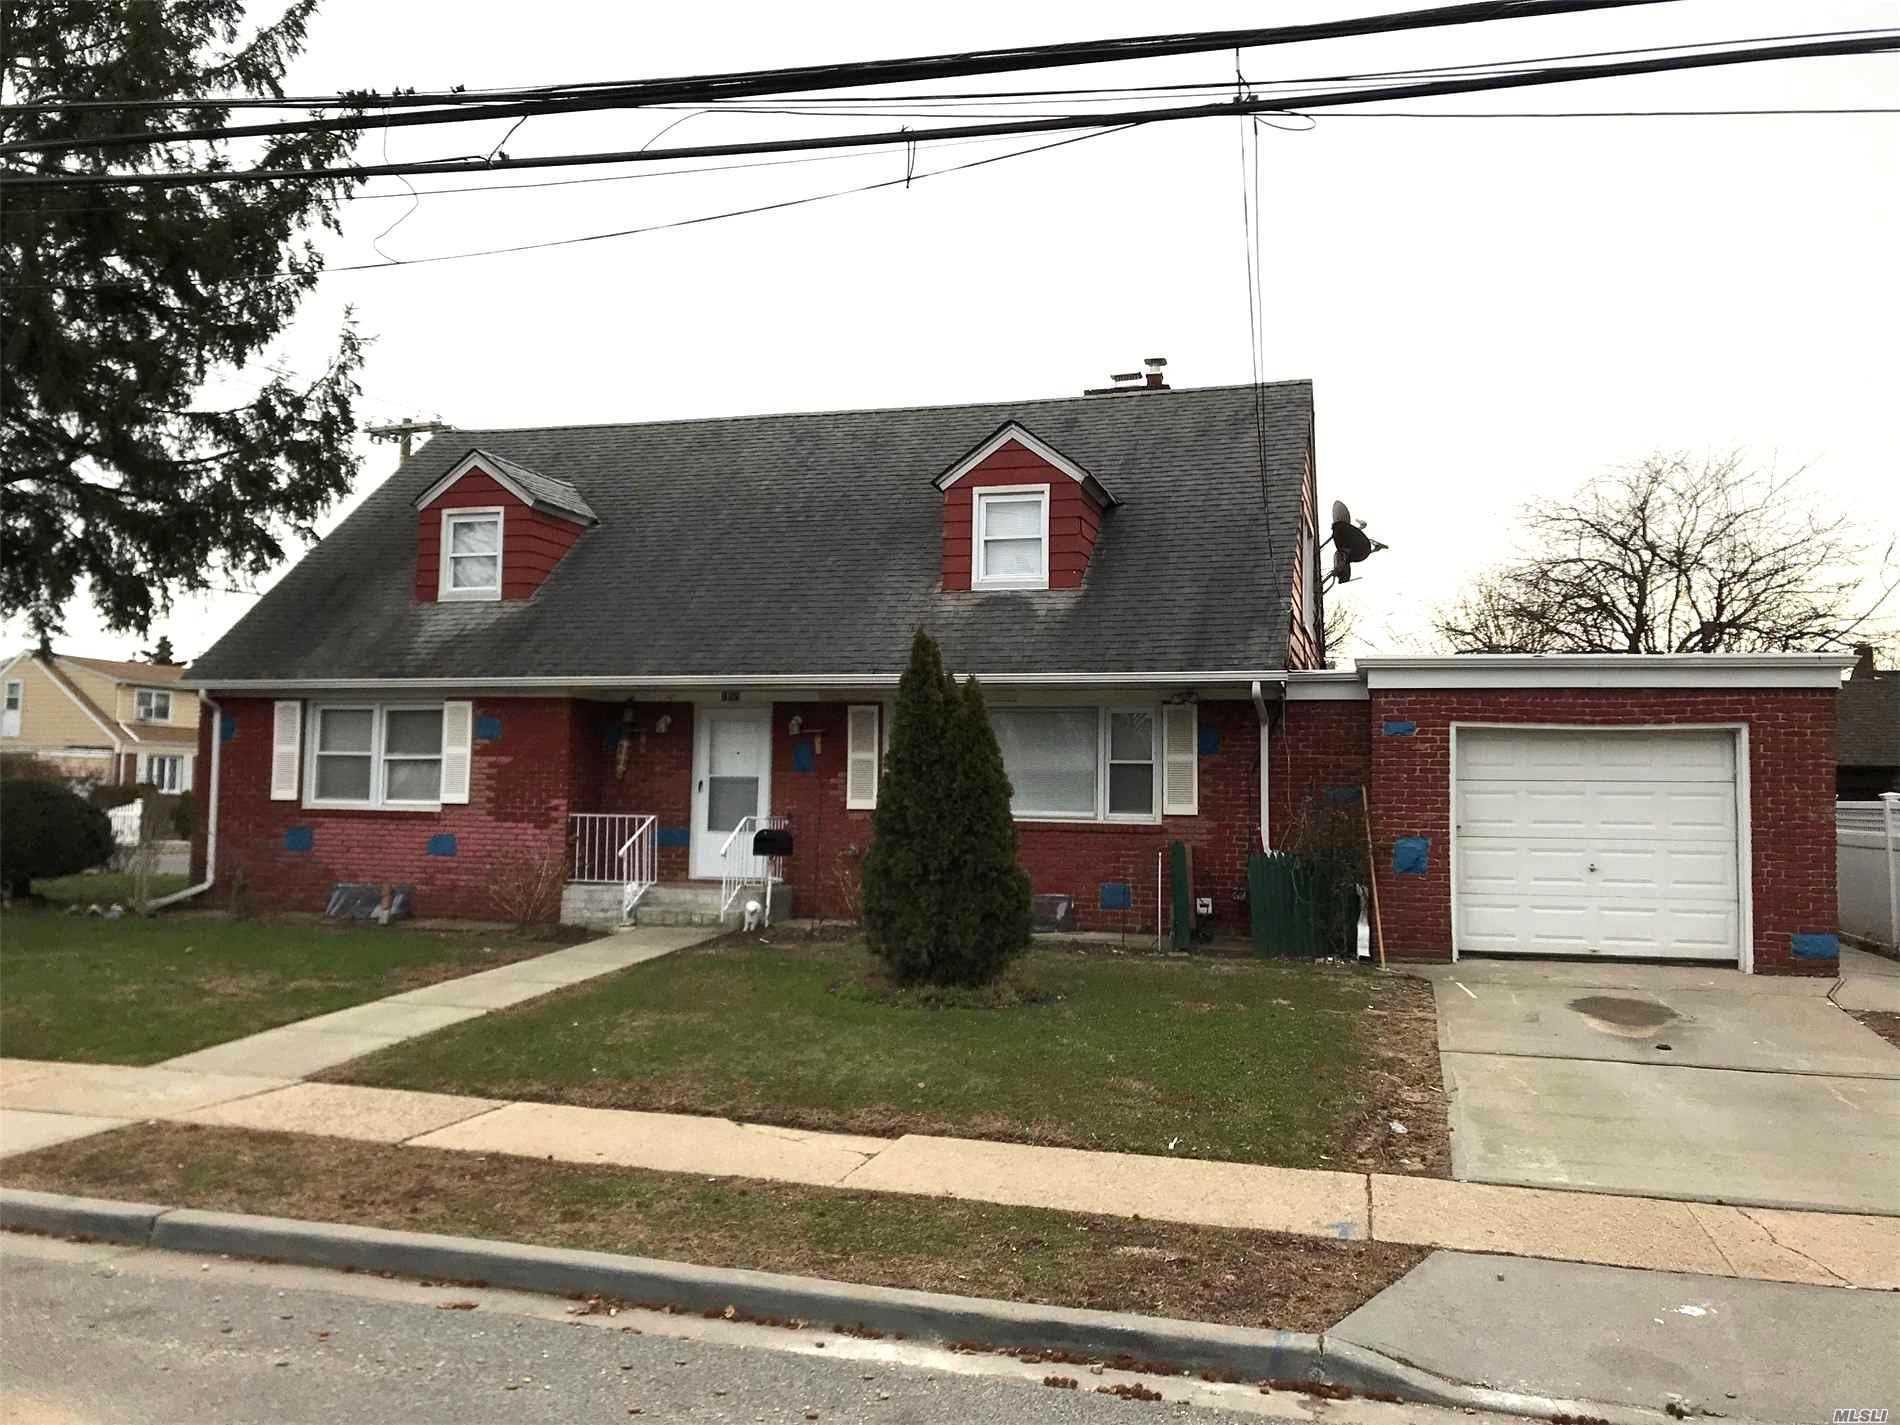 188 Willow Ave Hempstead, NY 11550